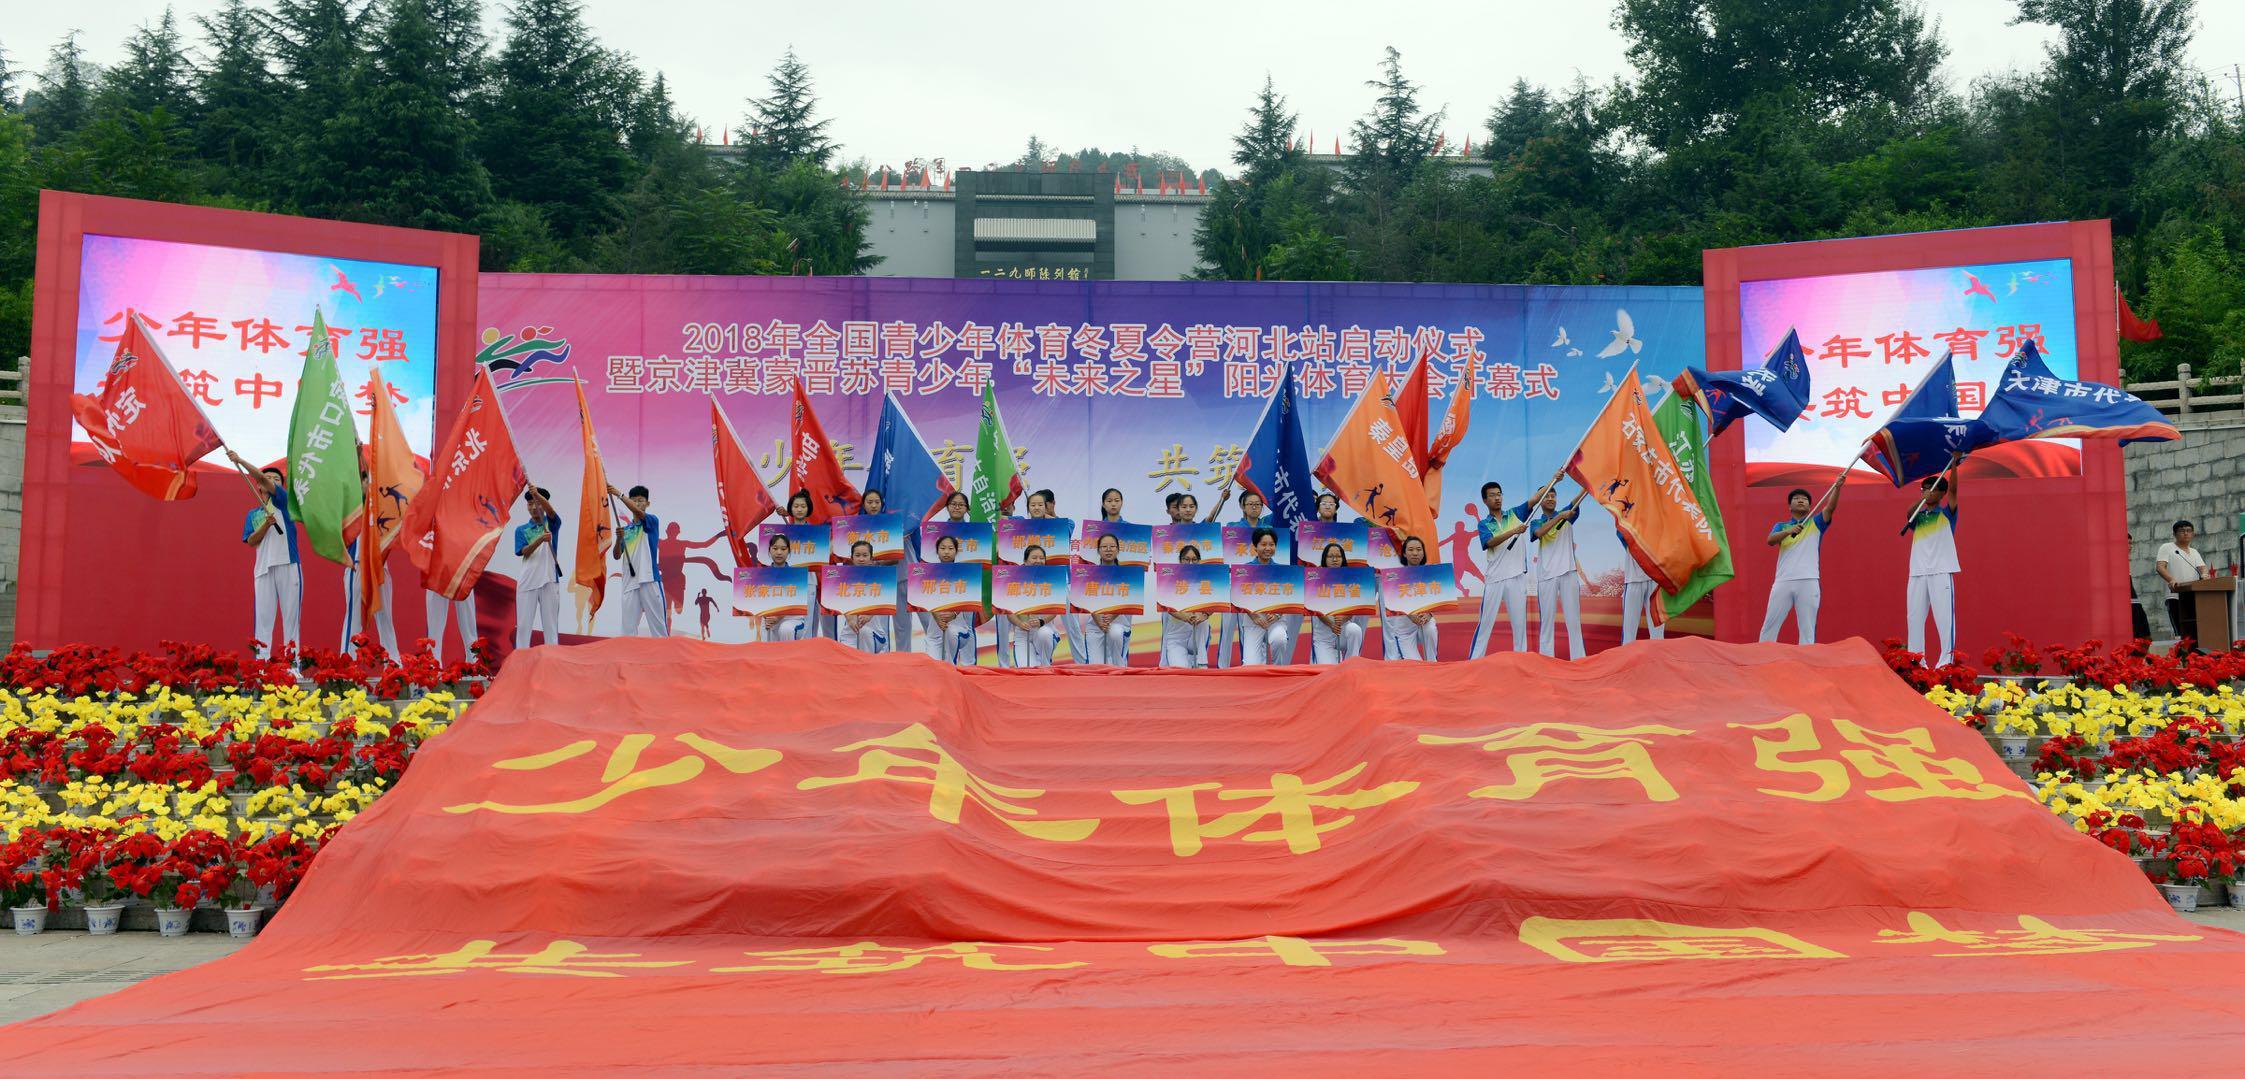 2018年全国青少年体育冬夏令营河北邯郸站举行